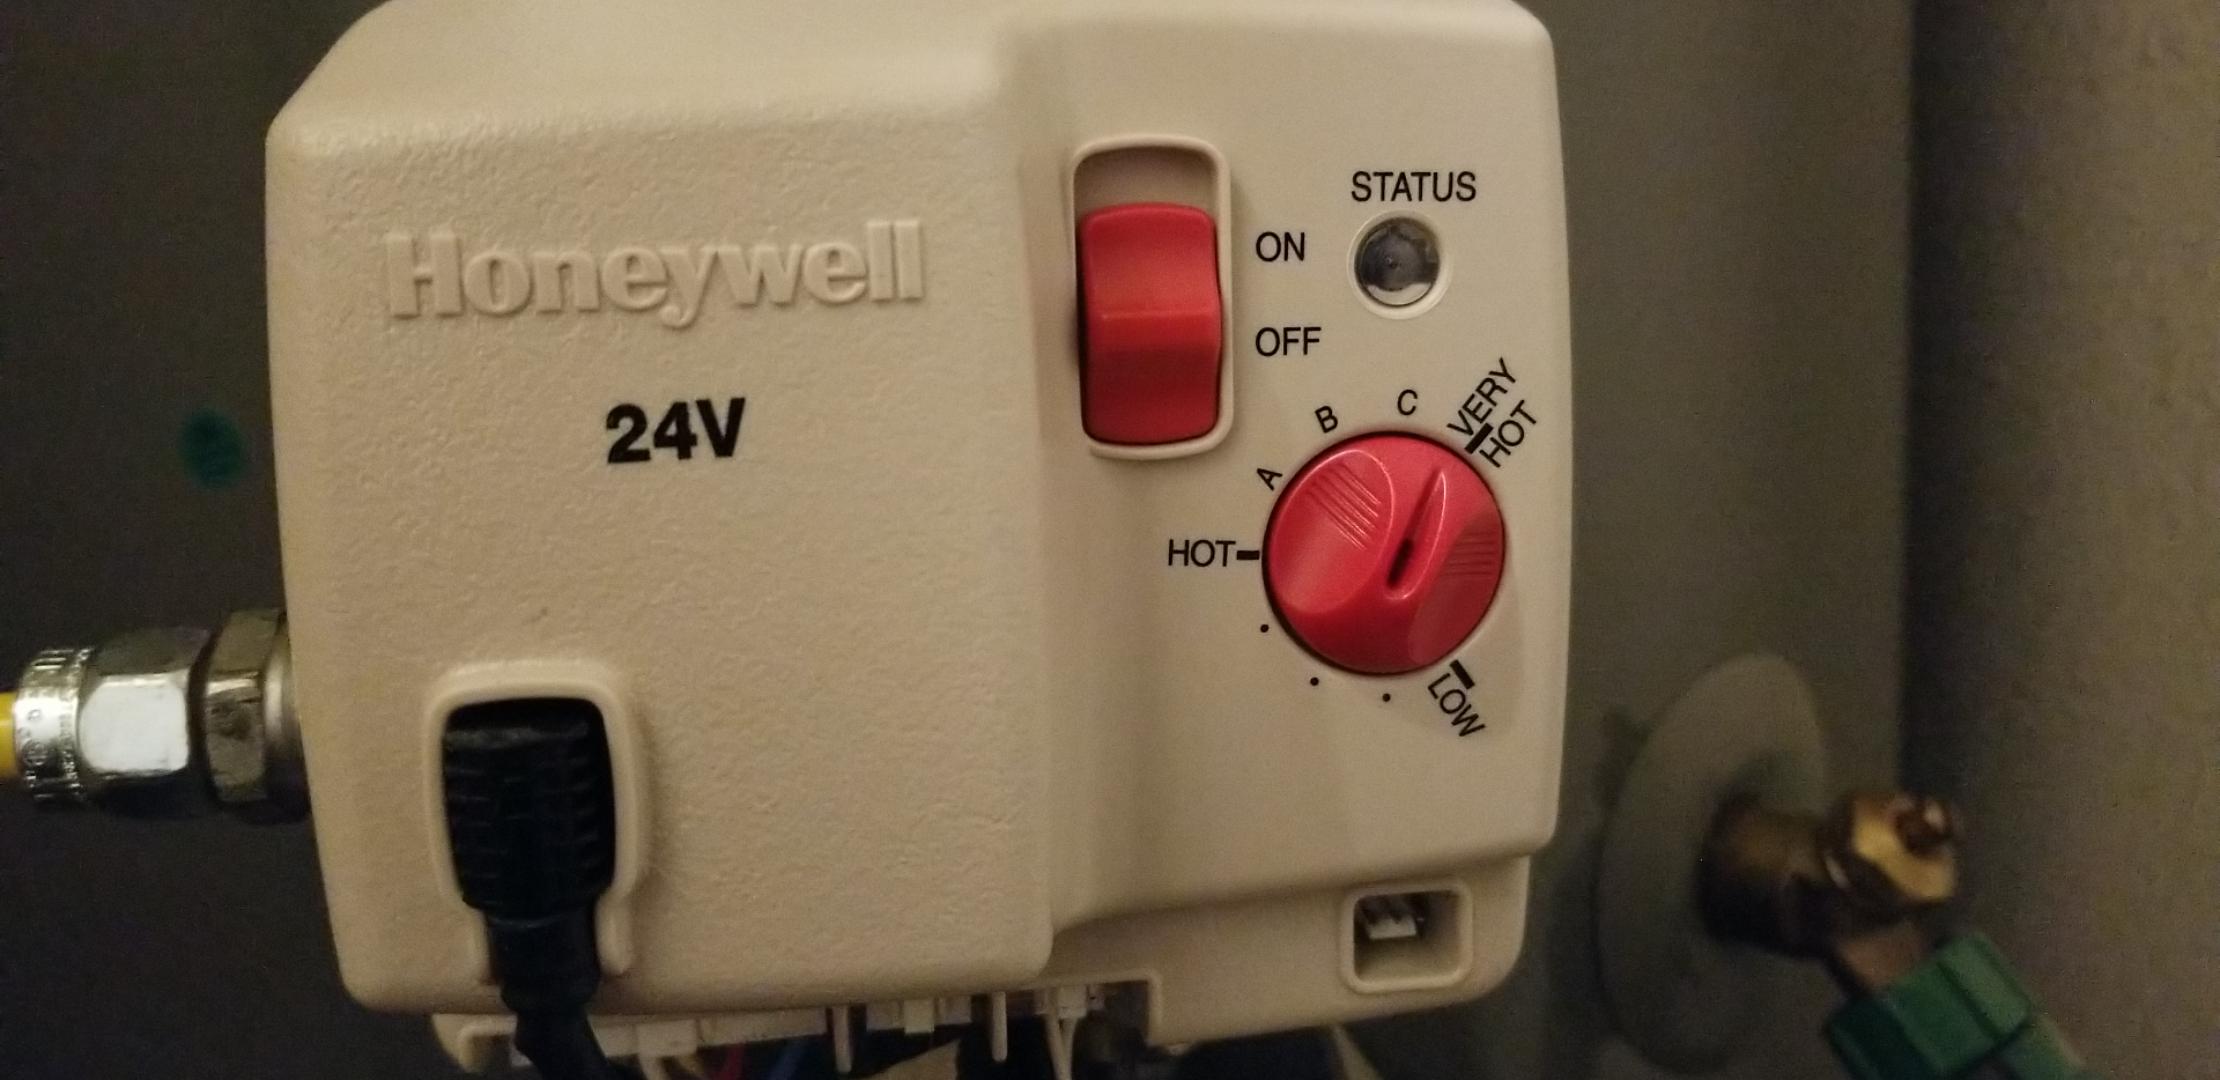 Honeywell Hot Water Heater Status Light Shelly Lighting